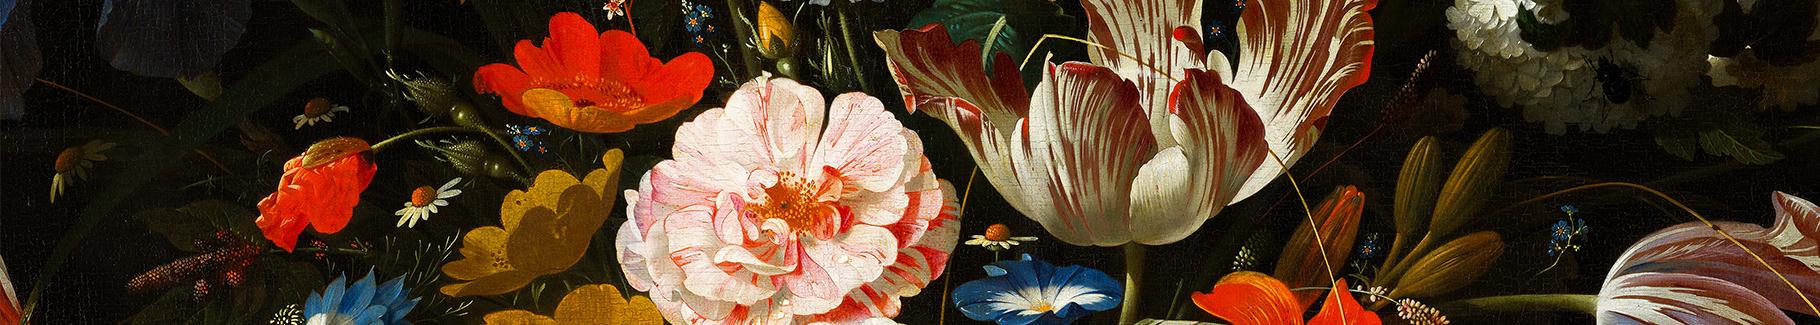 Fototapete Strauß mit bunten Blumen